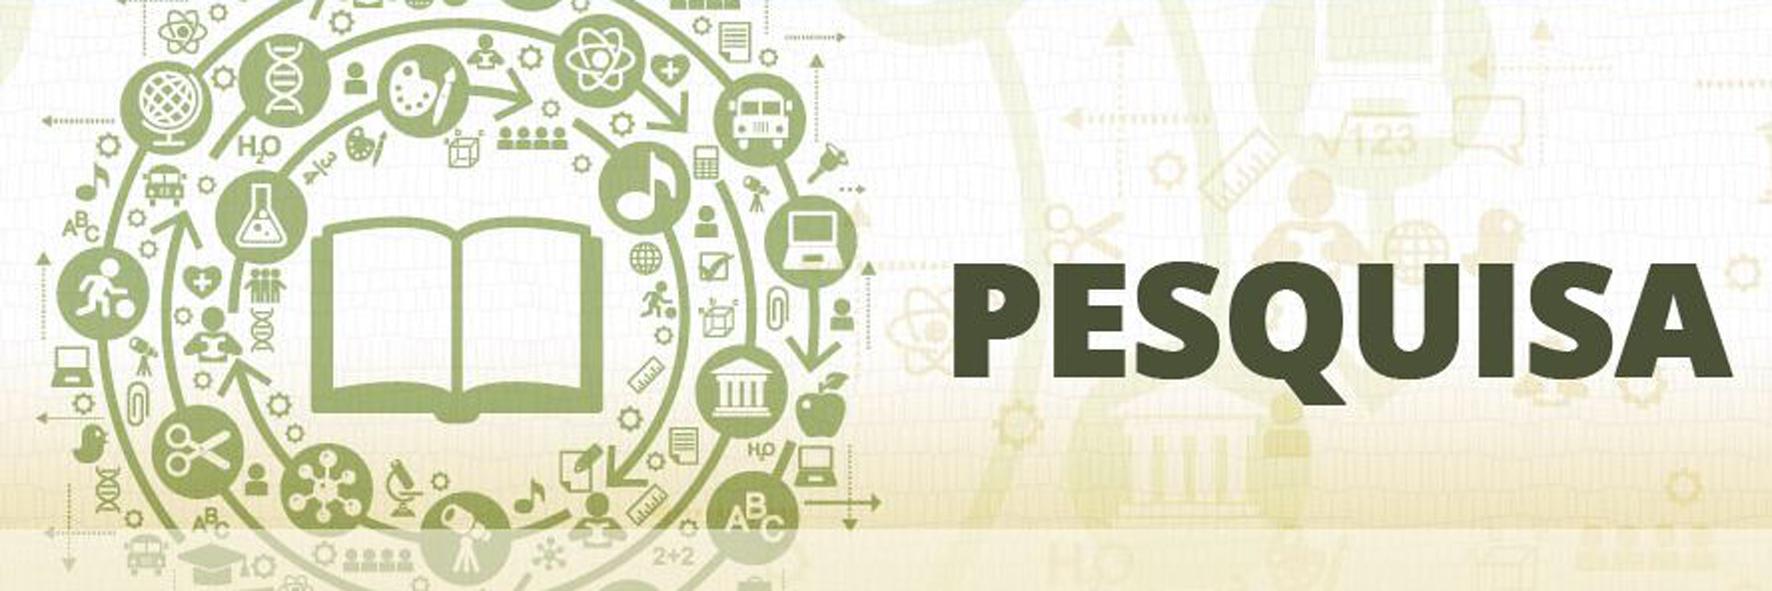 Diretoria de Pesquisa e Extensão divulga edital de bolsas Pibic